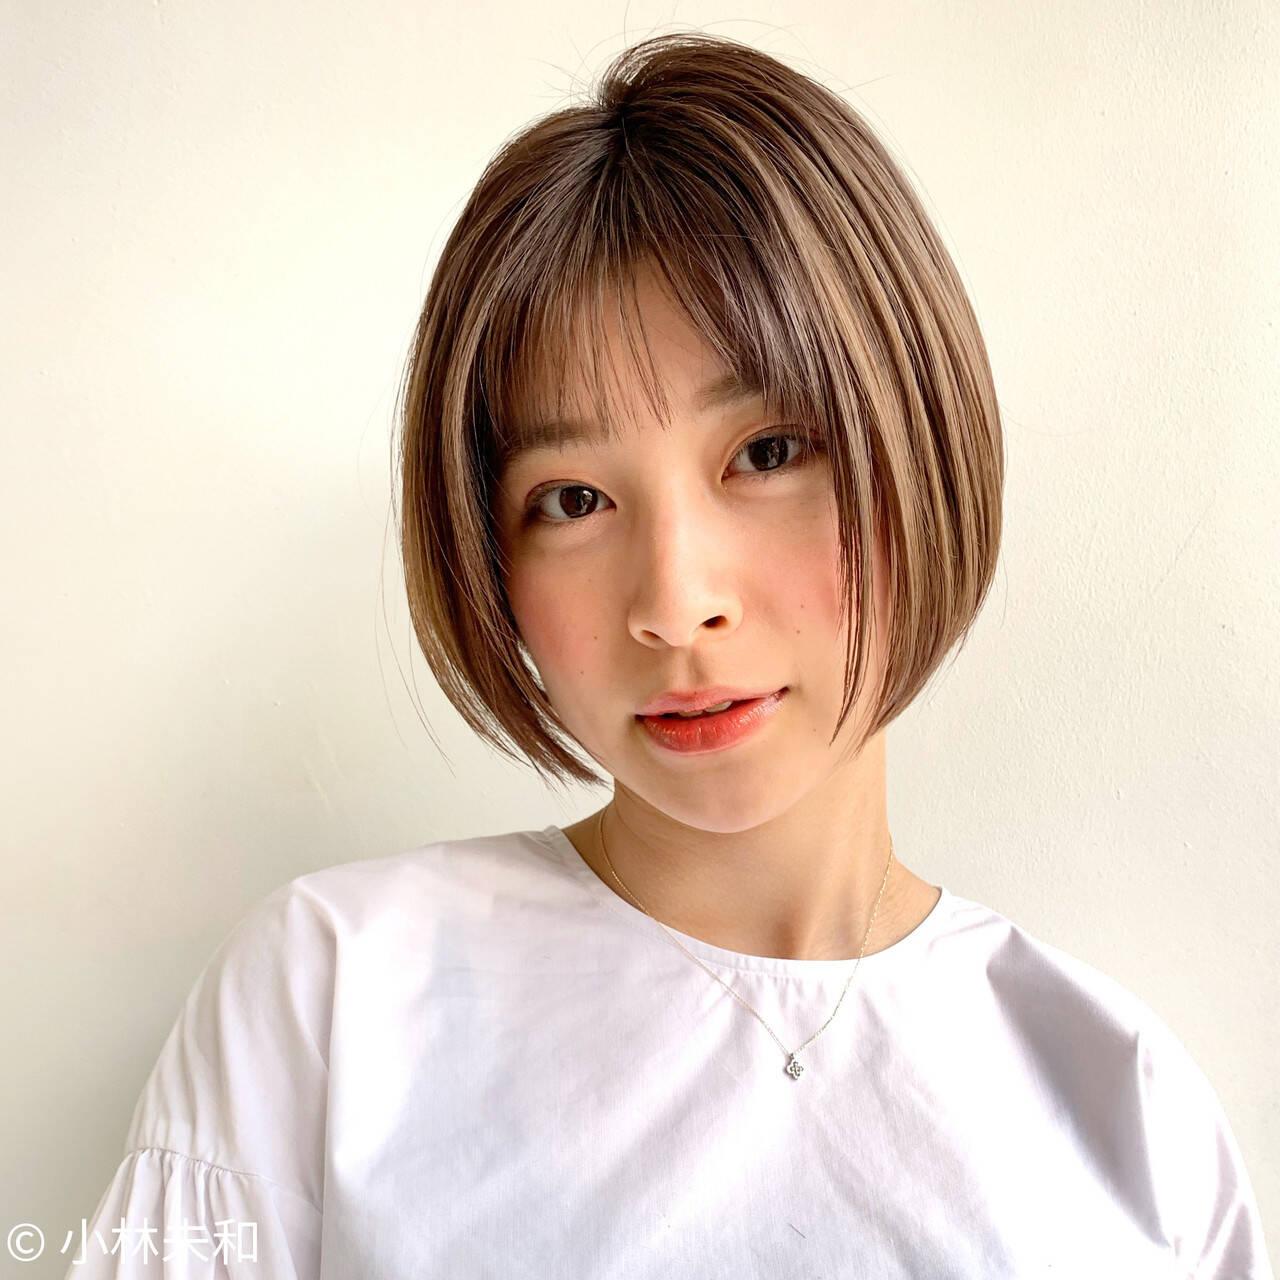 ミニボブ ショートボブ ナチュラル 前下がりショートヘアスタイルや髪型の写真・画像